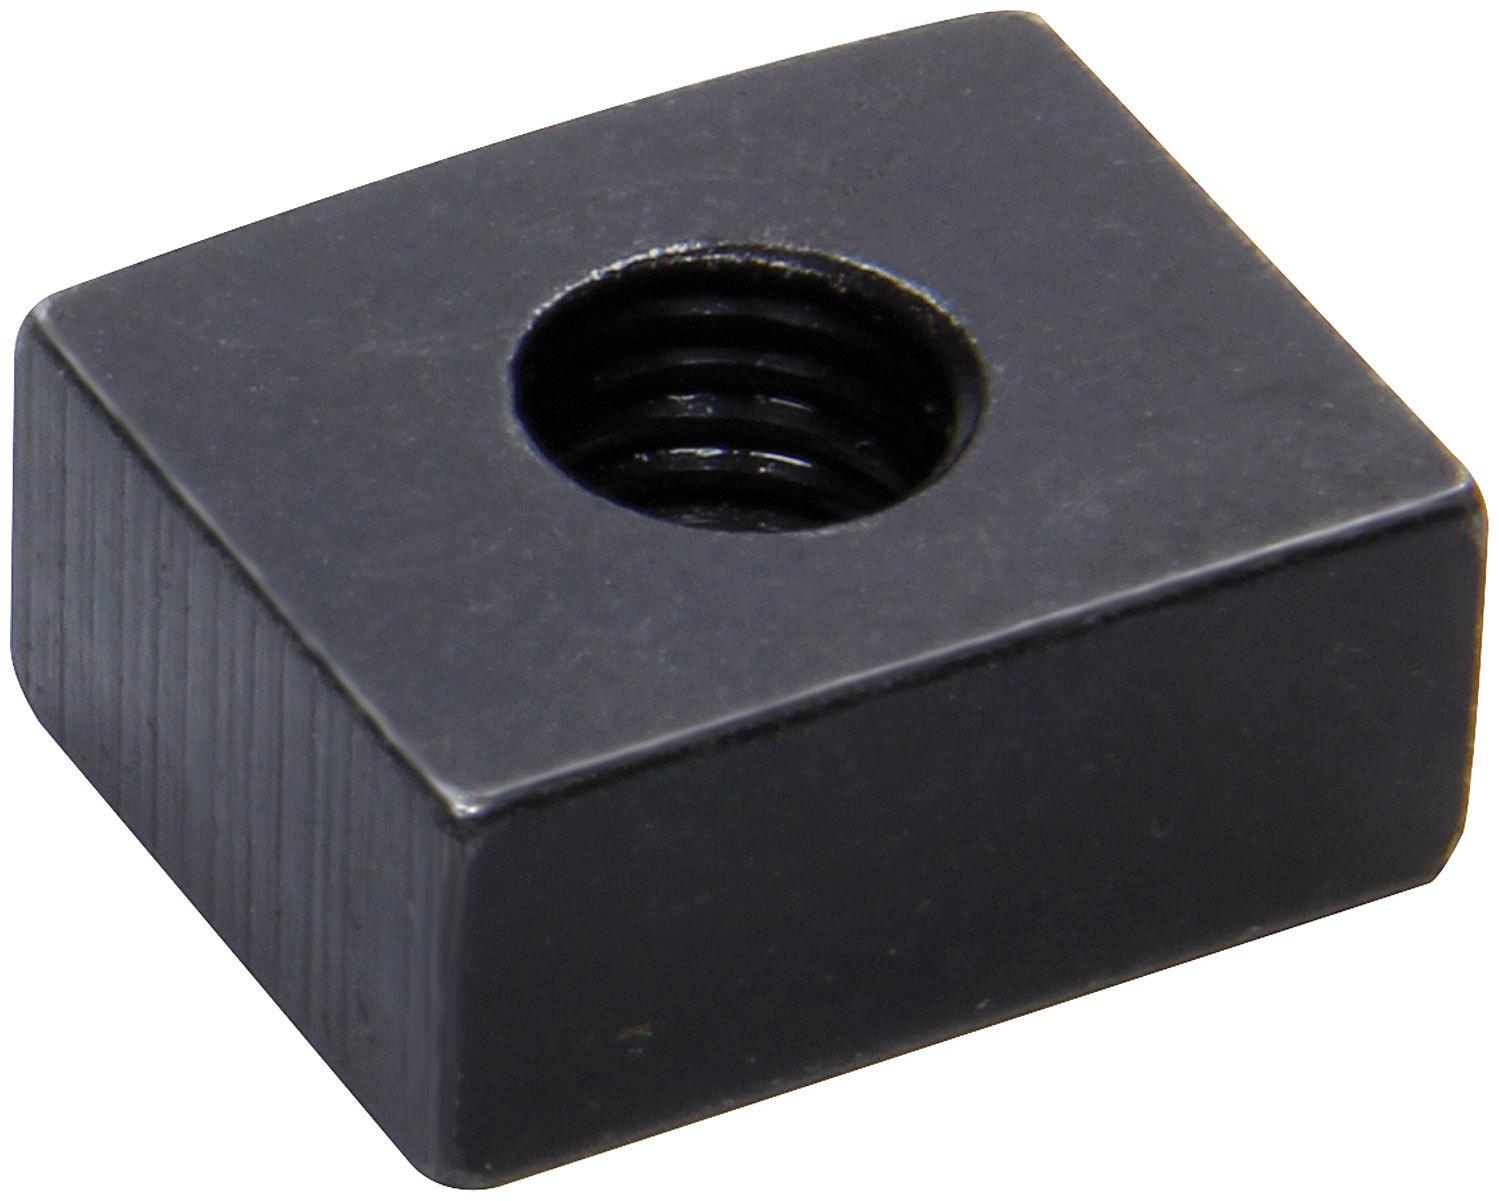 Allstar Performance 48508 T-Nut, 5/16-24 in Thread, Steel, Black, Allstar Power Steering Pump Brackets, Each